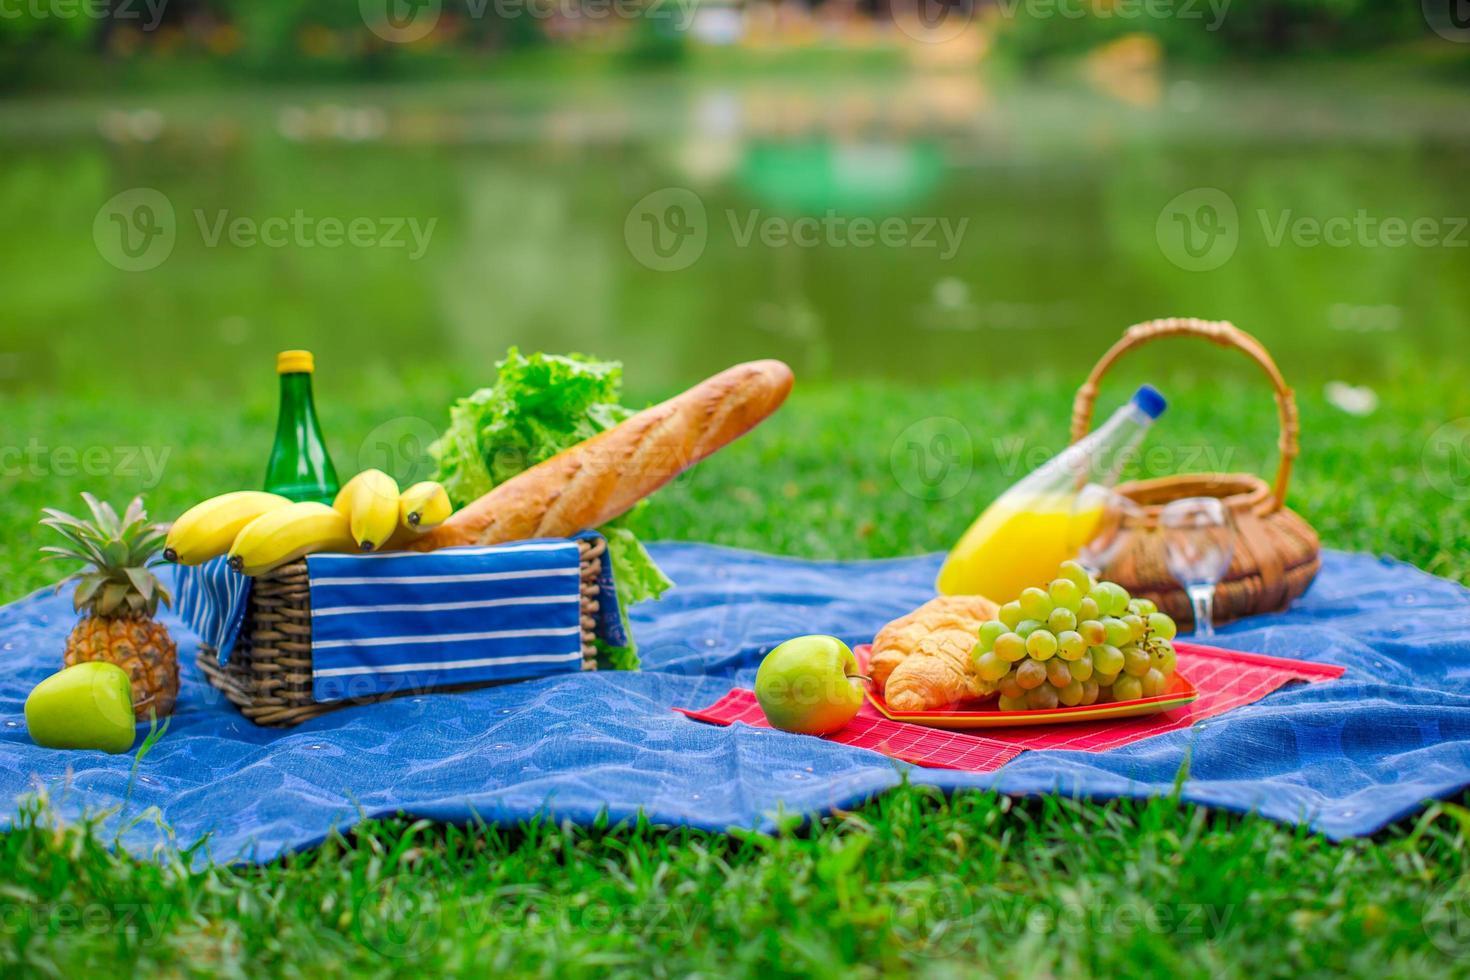 Picknickkorb mit Obst, Brot und einer Flasche Weißwein foto